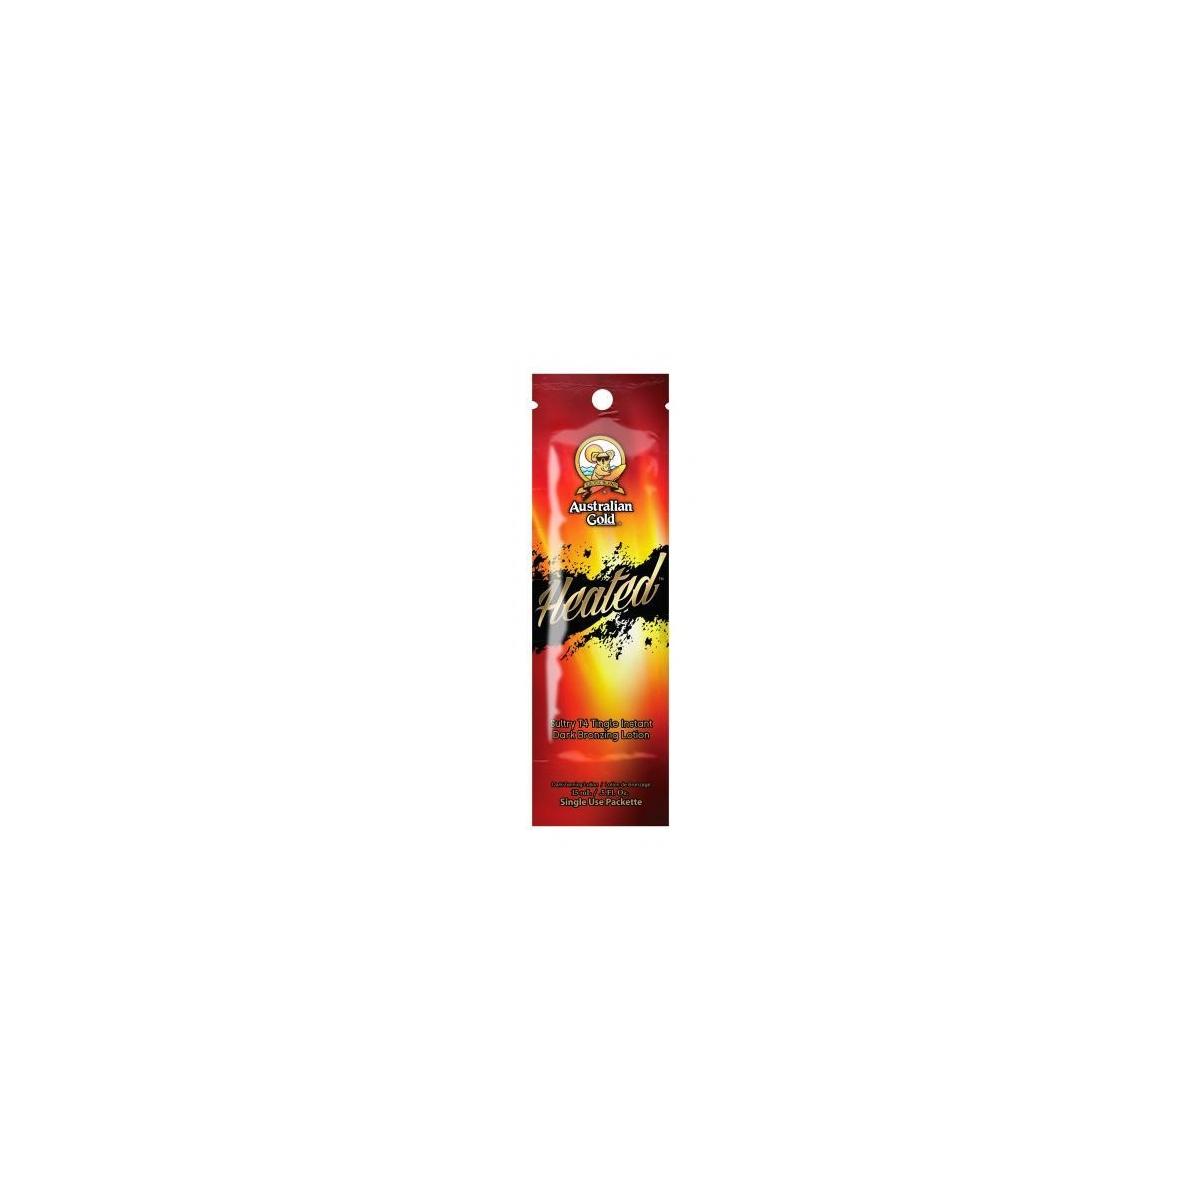 Heated 15ml - Australian Gold